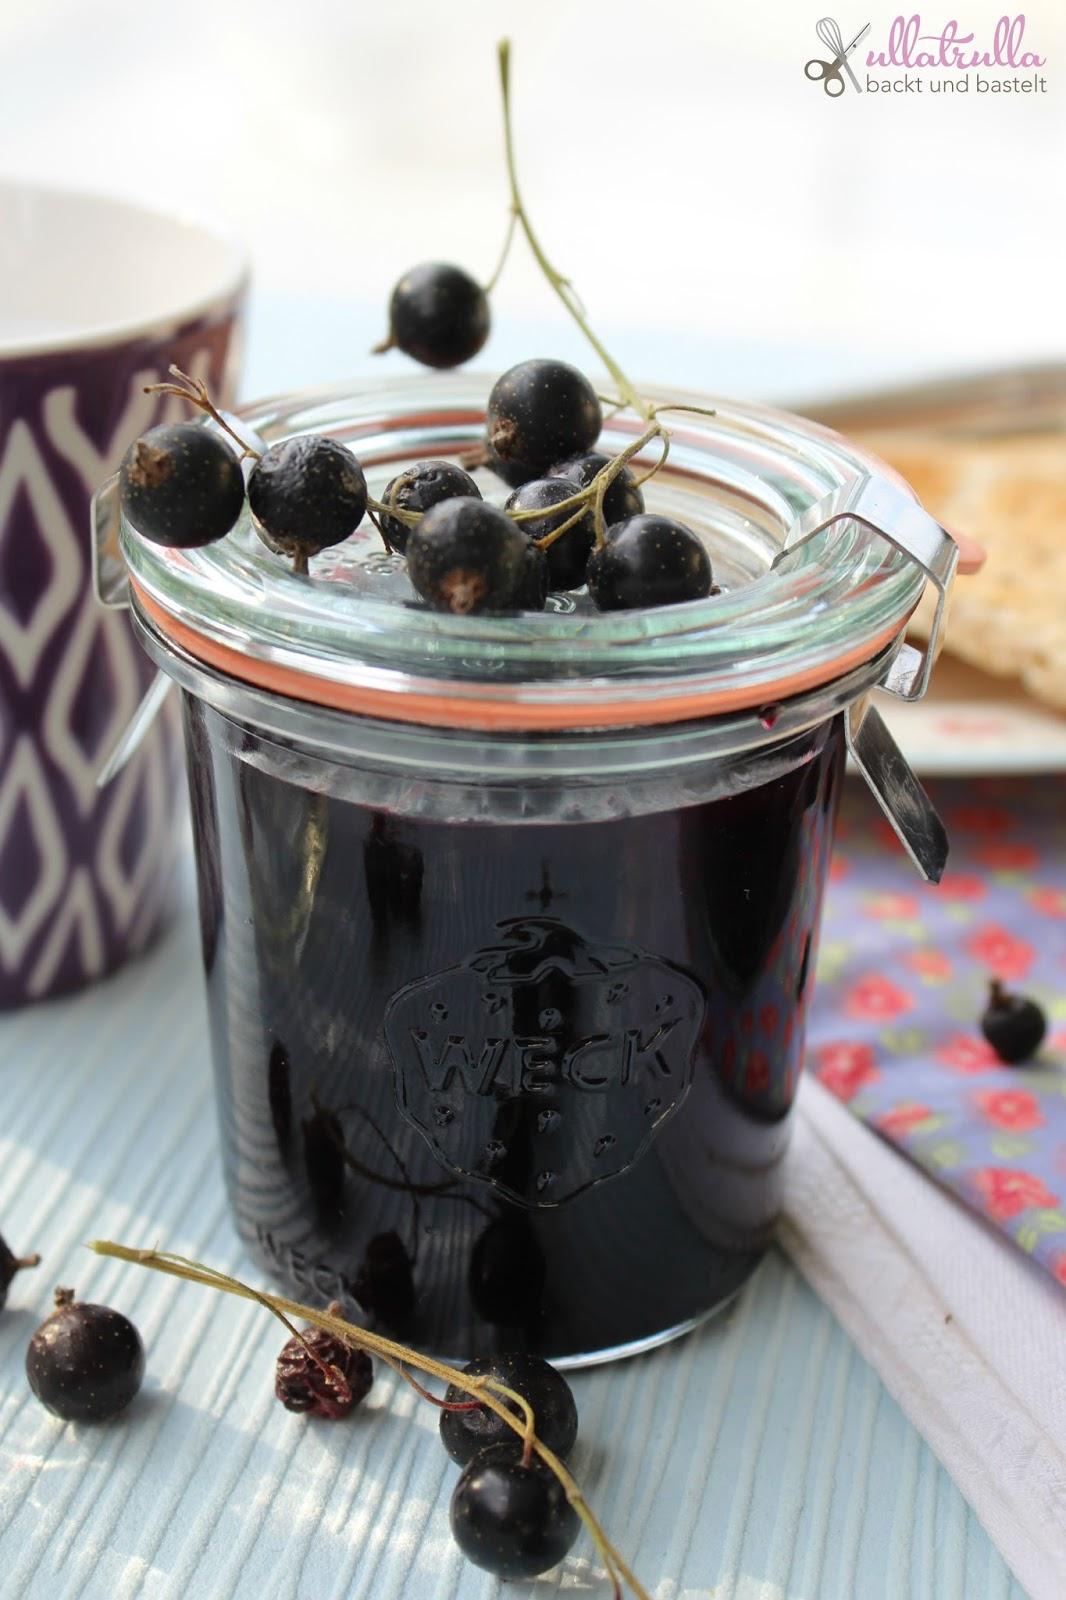 ullatrulla backt und bastelt schwarze johannisbeer marmelade wenn ich gro bin m chte ich. Black Bedroom Furniture Sets. Home Design Ideas